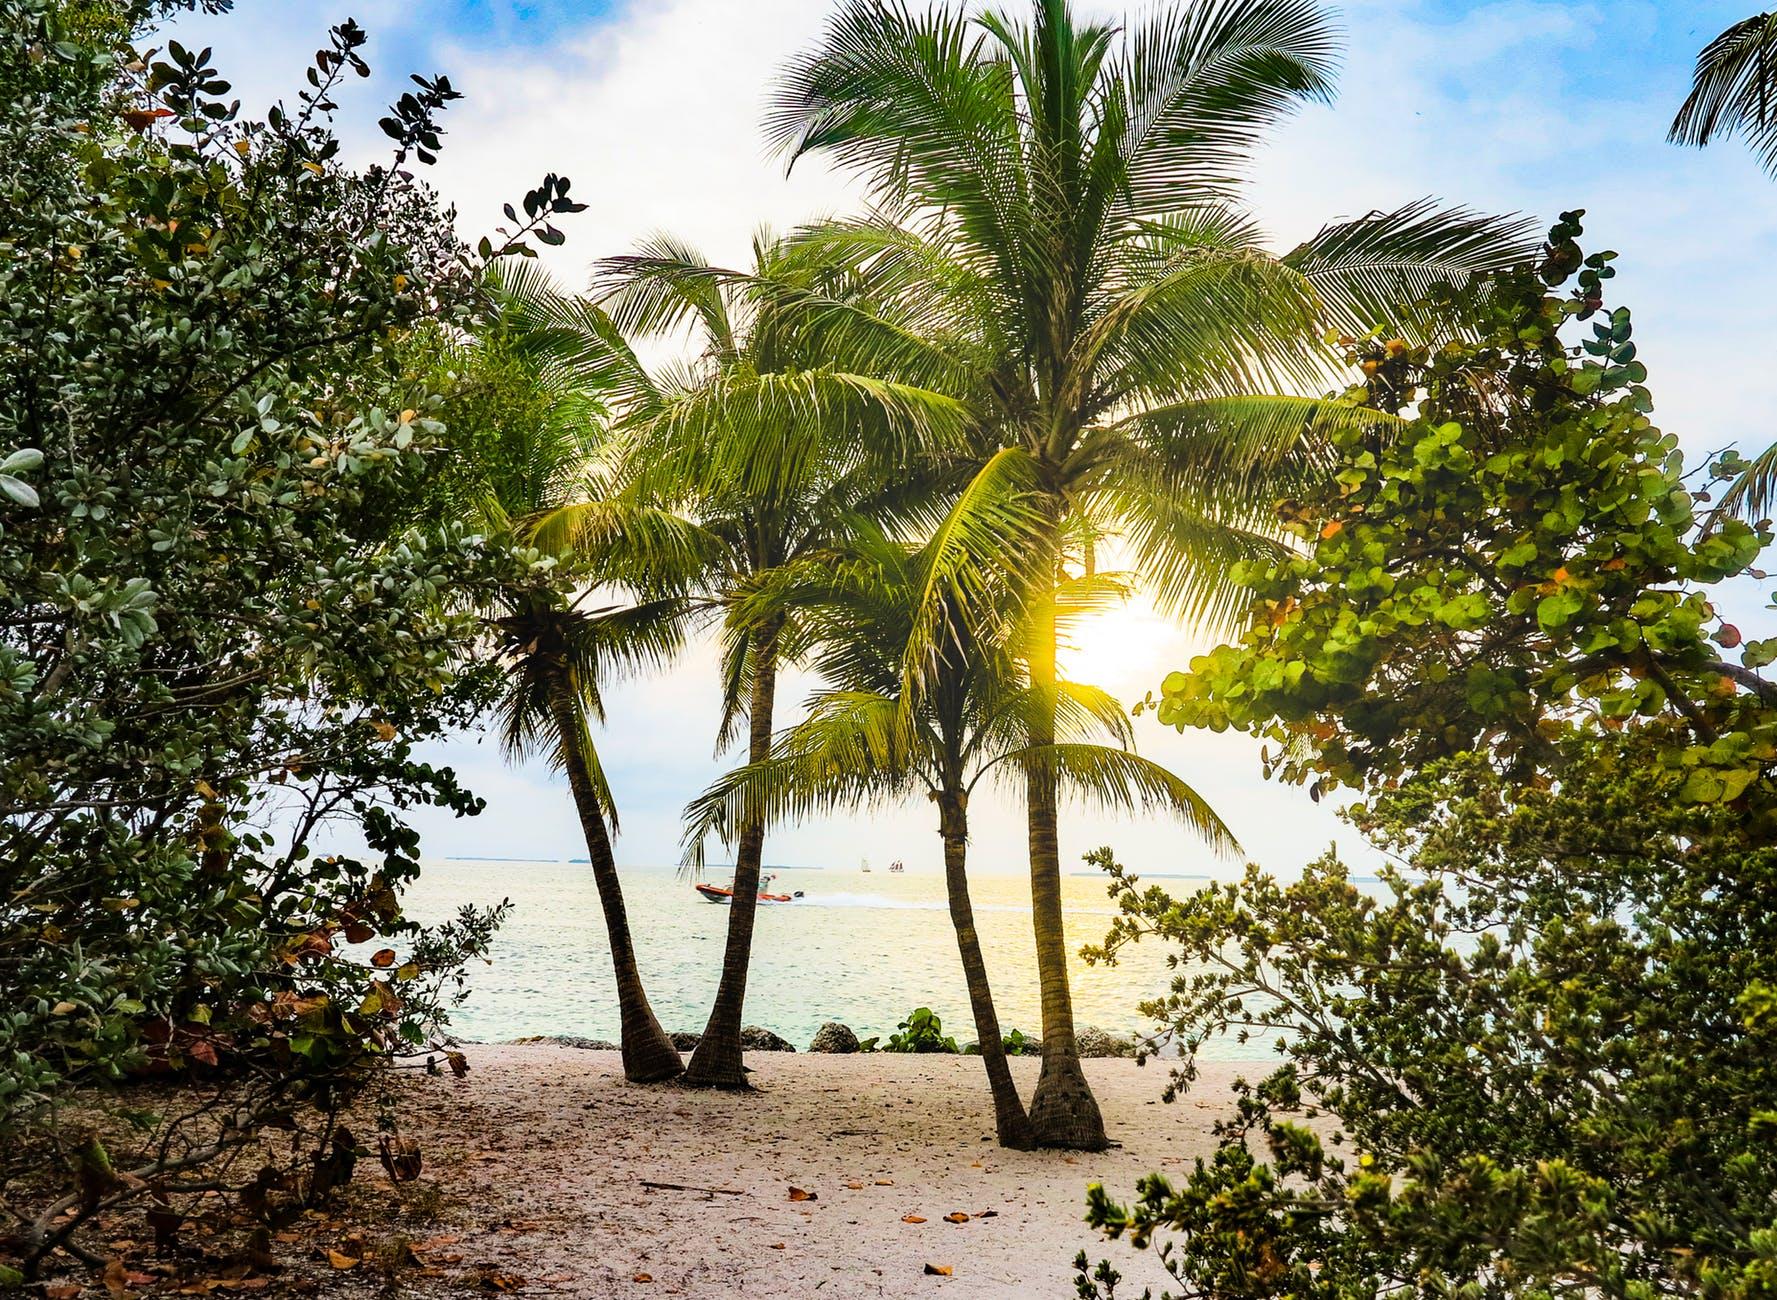 Florida conservation efforts